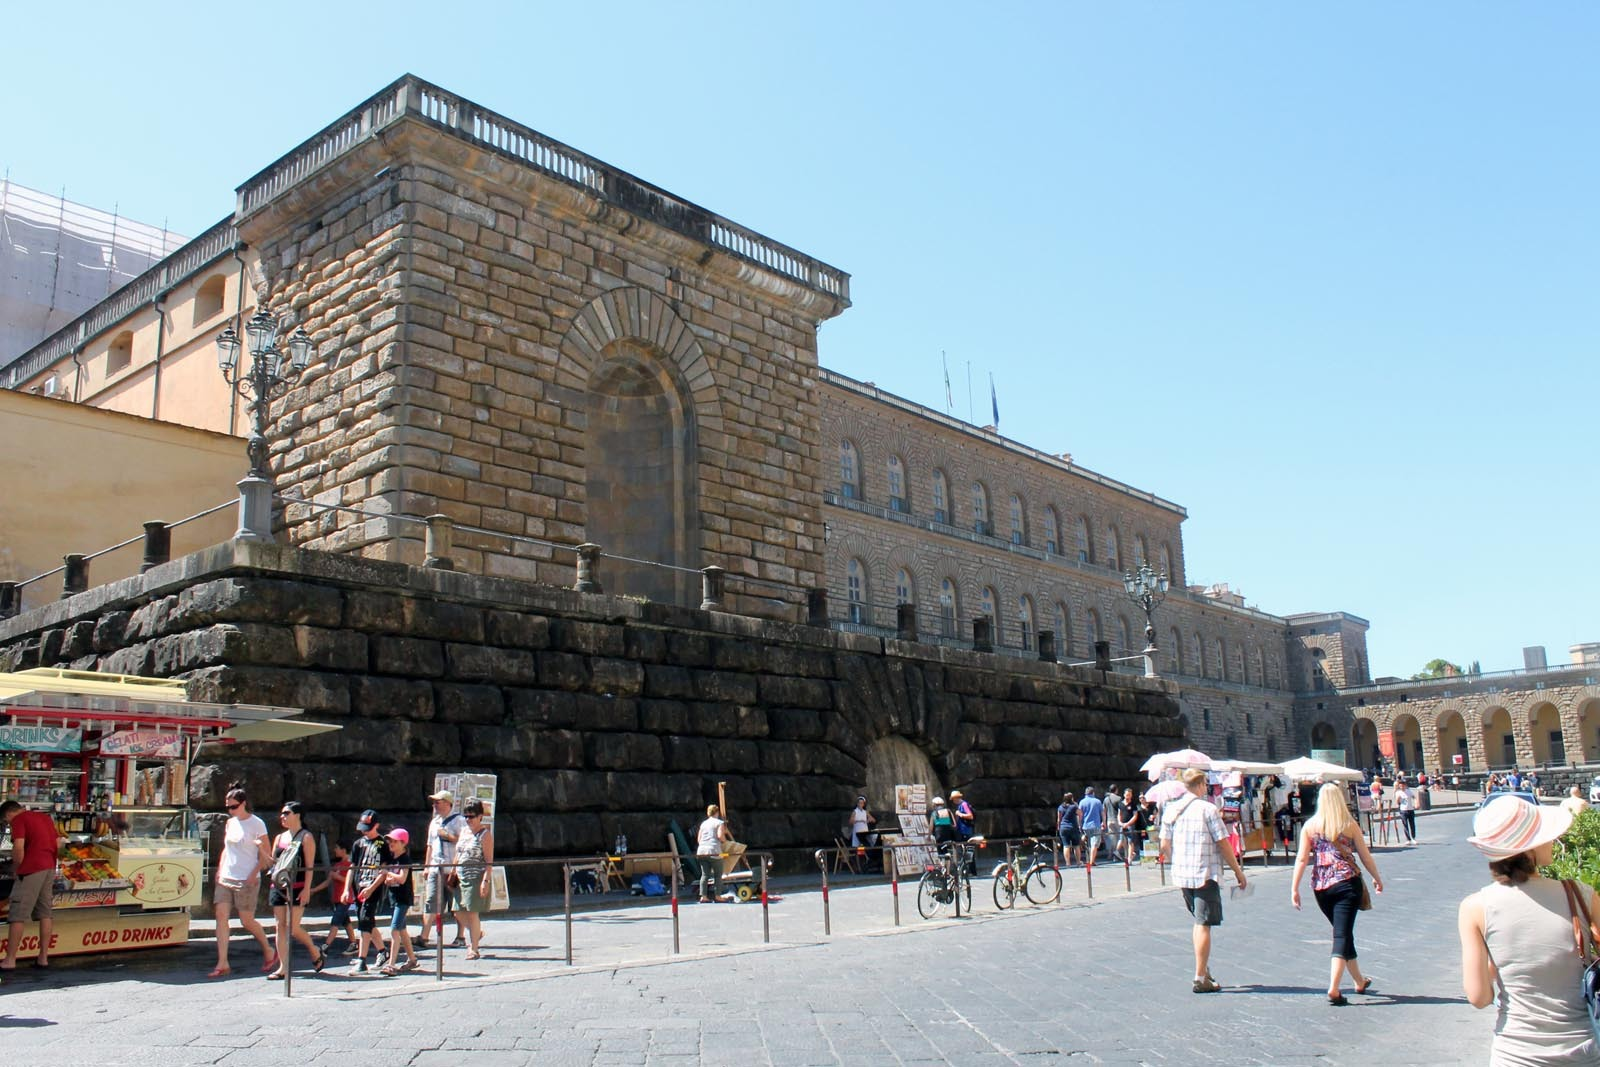 Palazzo Pitti - fara legatura cu Piteştiul...